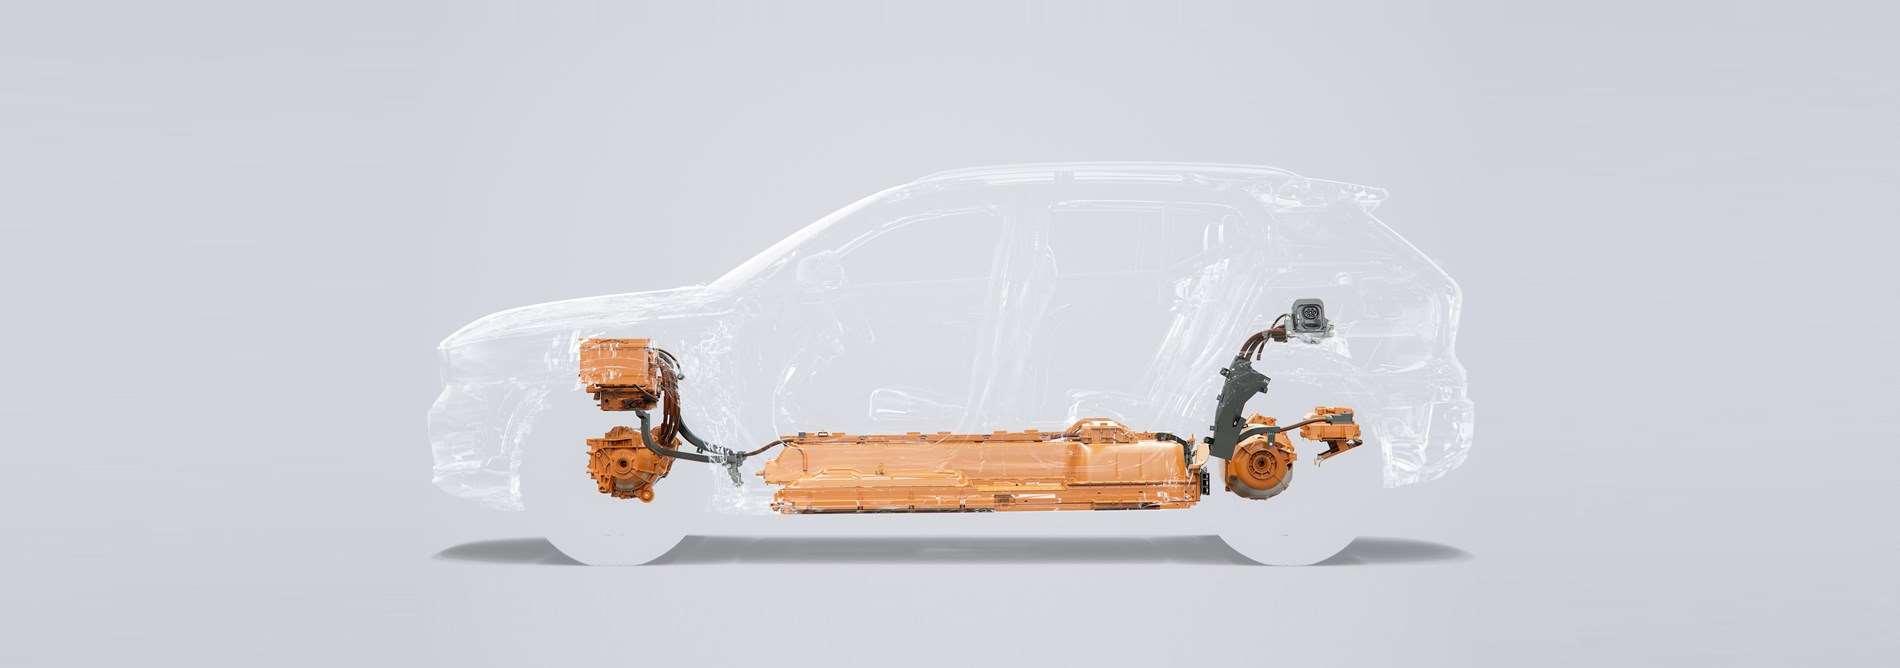 De volledig elektrische XC40 – Volvo's eerste elektrische wagen en een van de veiligste auto's op de weg